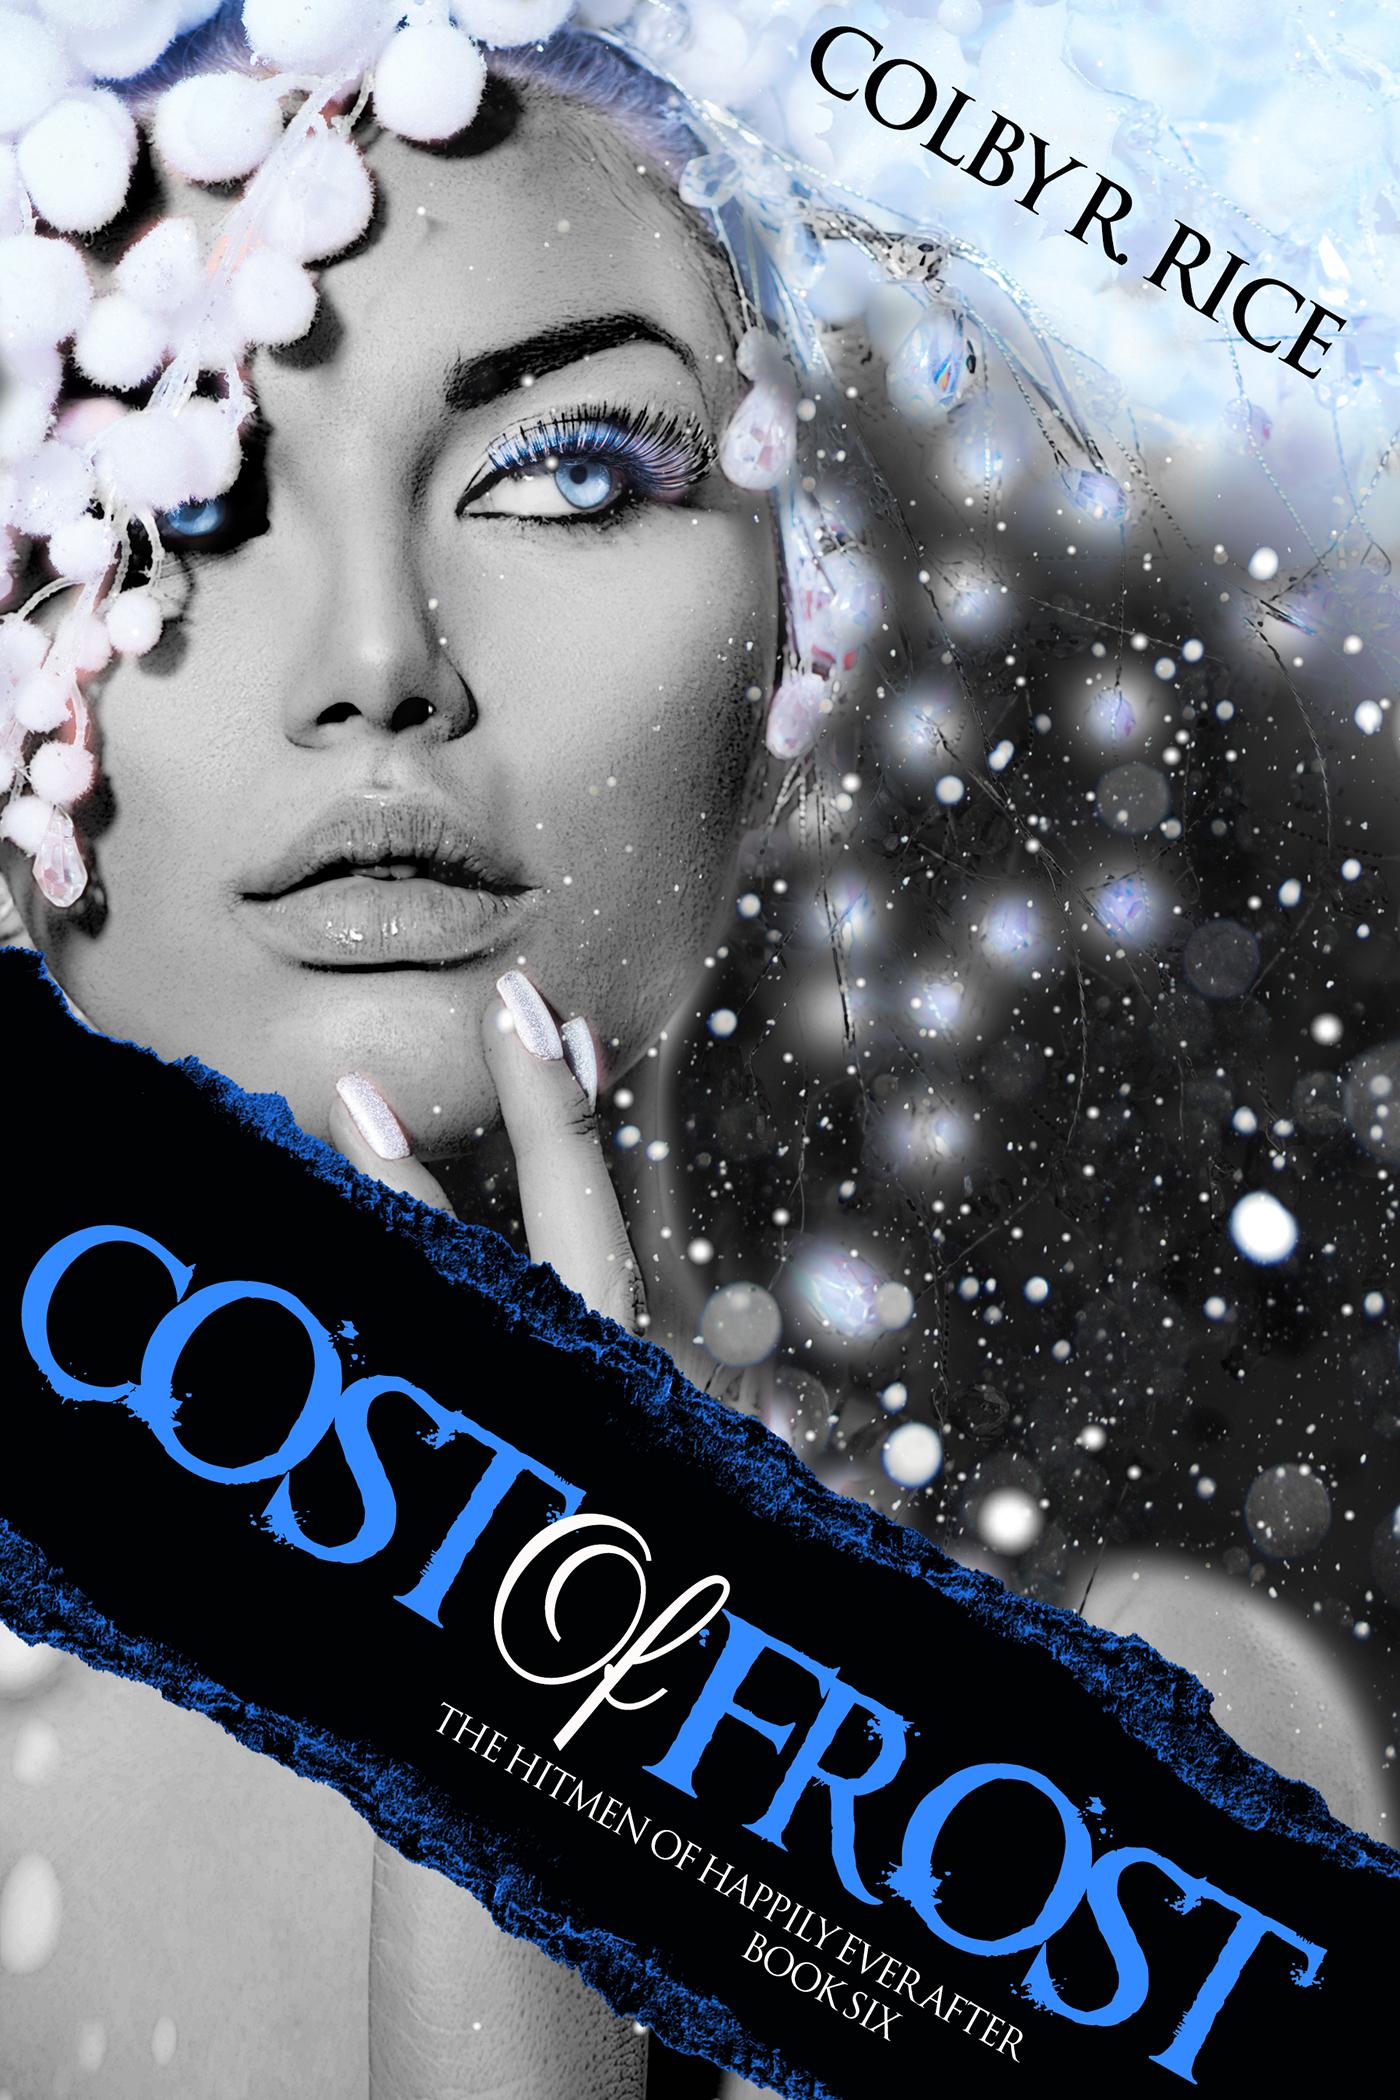 CostOfFrost_CVR_MED